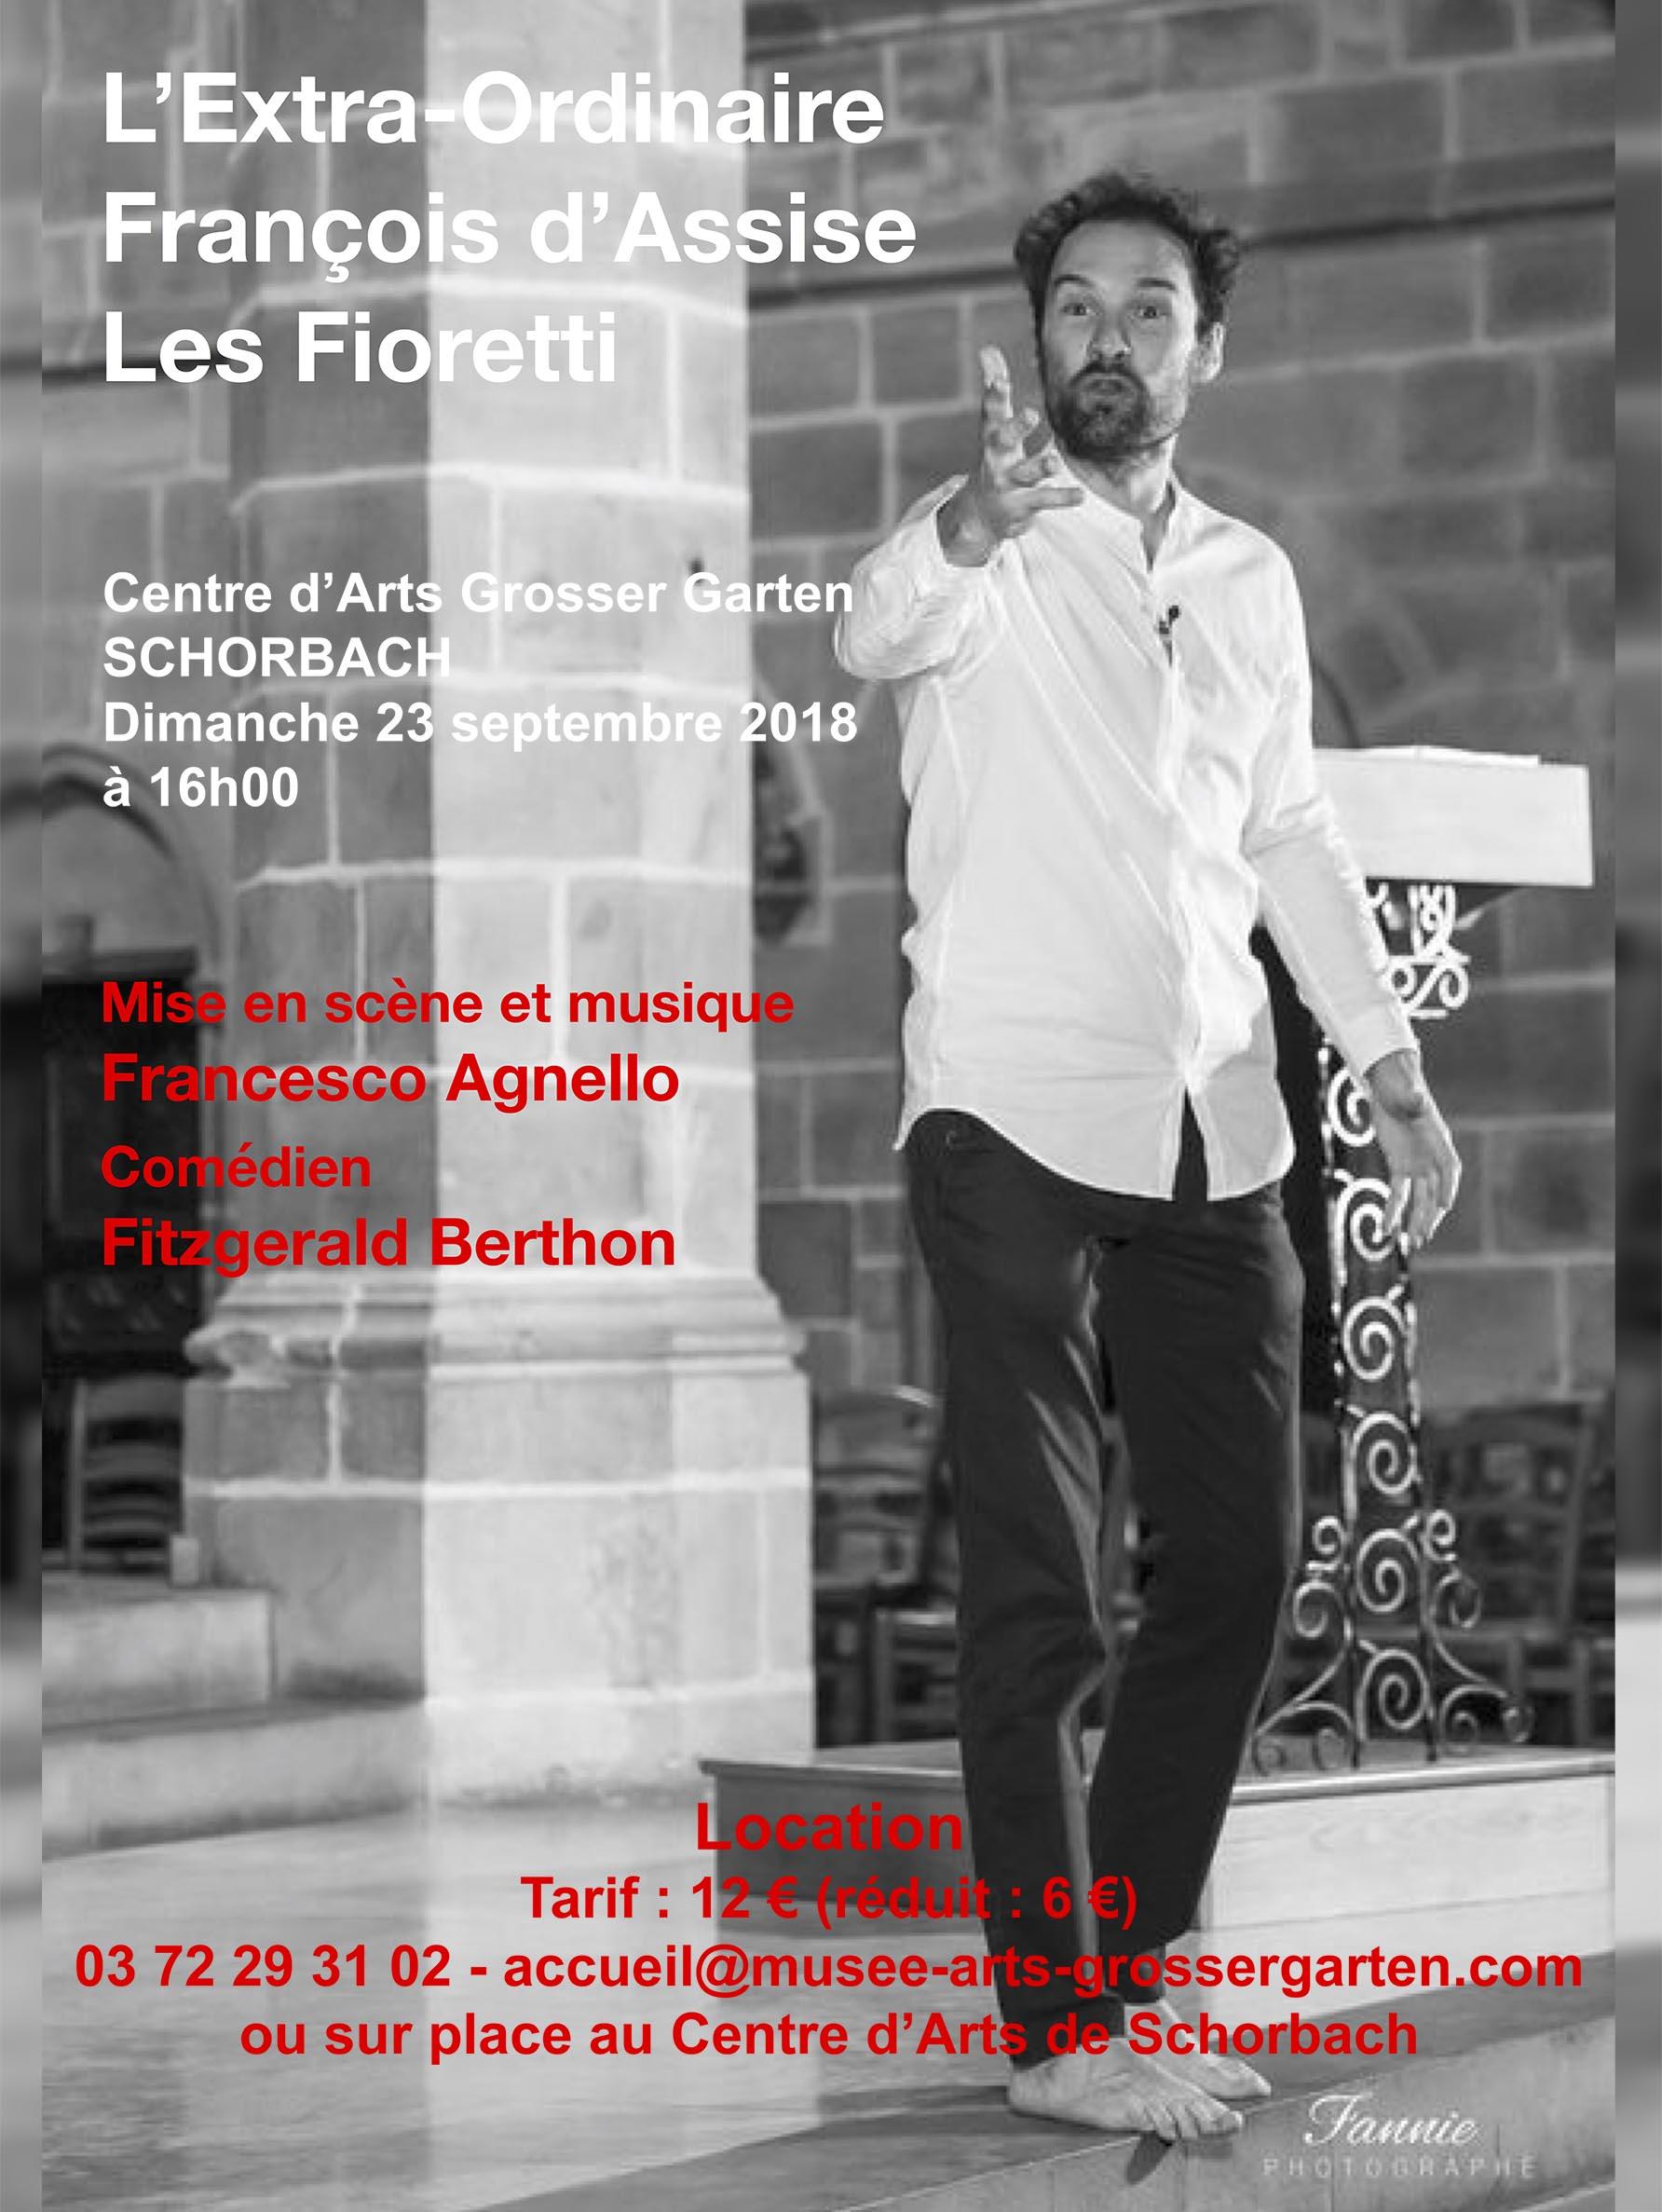 FRANÇOIS D'ASSISE 'LES FIORETTI' (REPORTÉ À SEPTEMBRE)